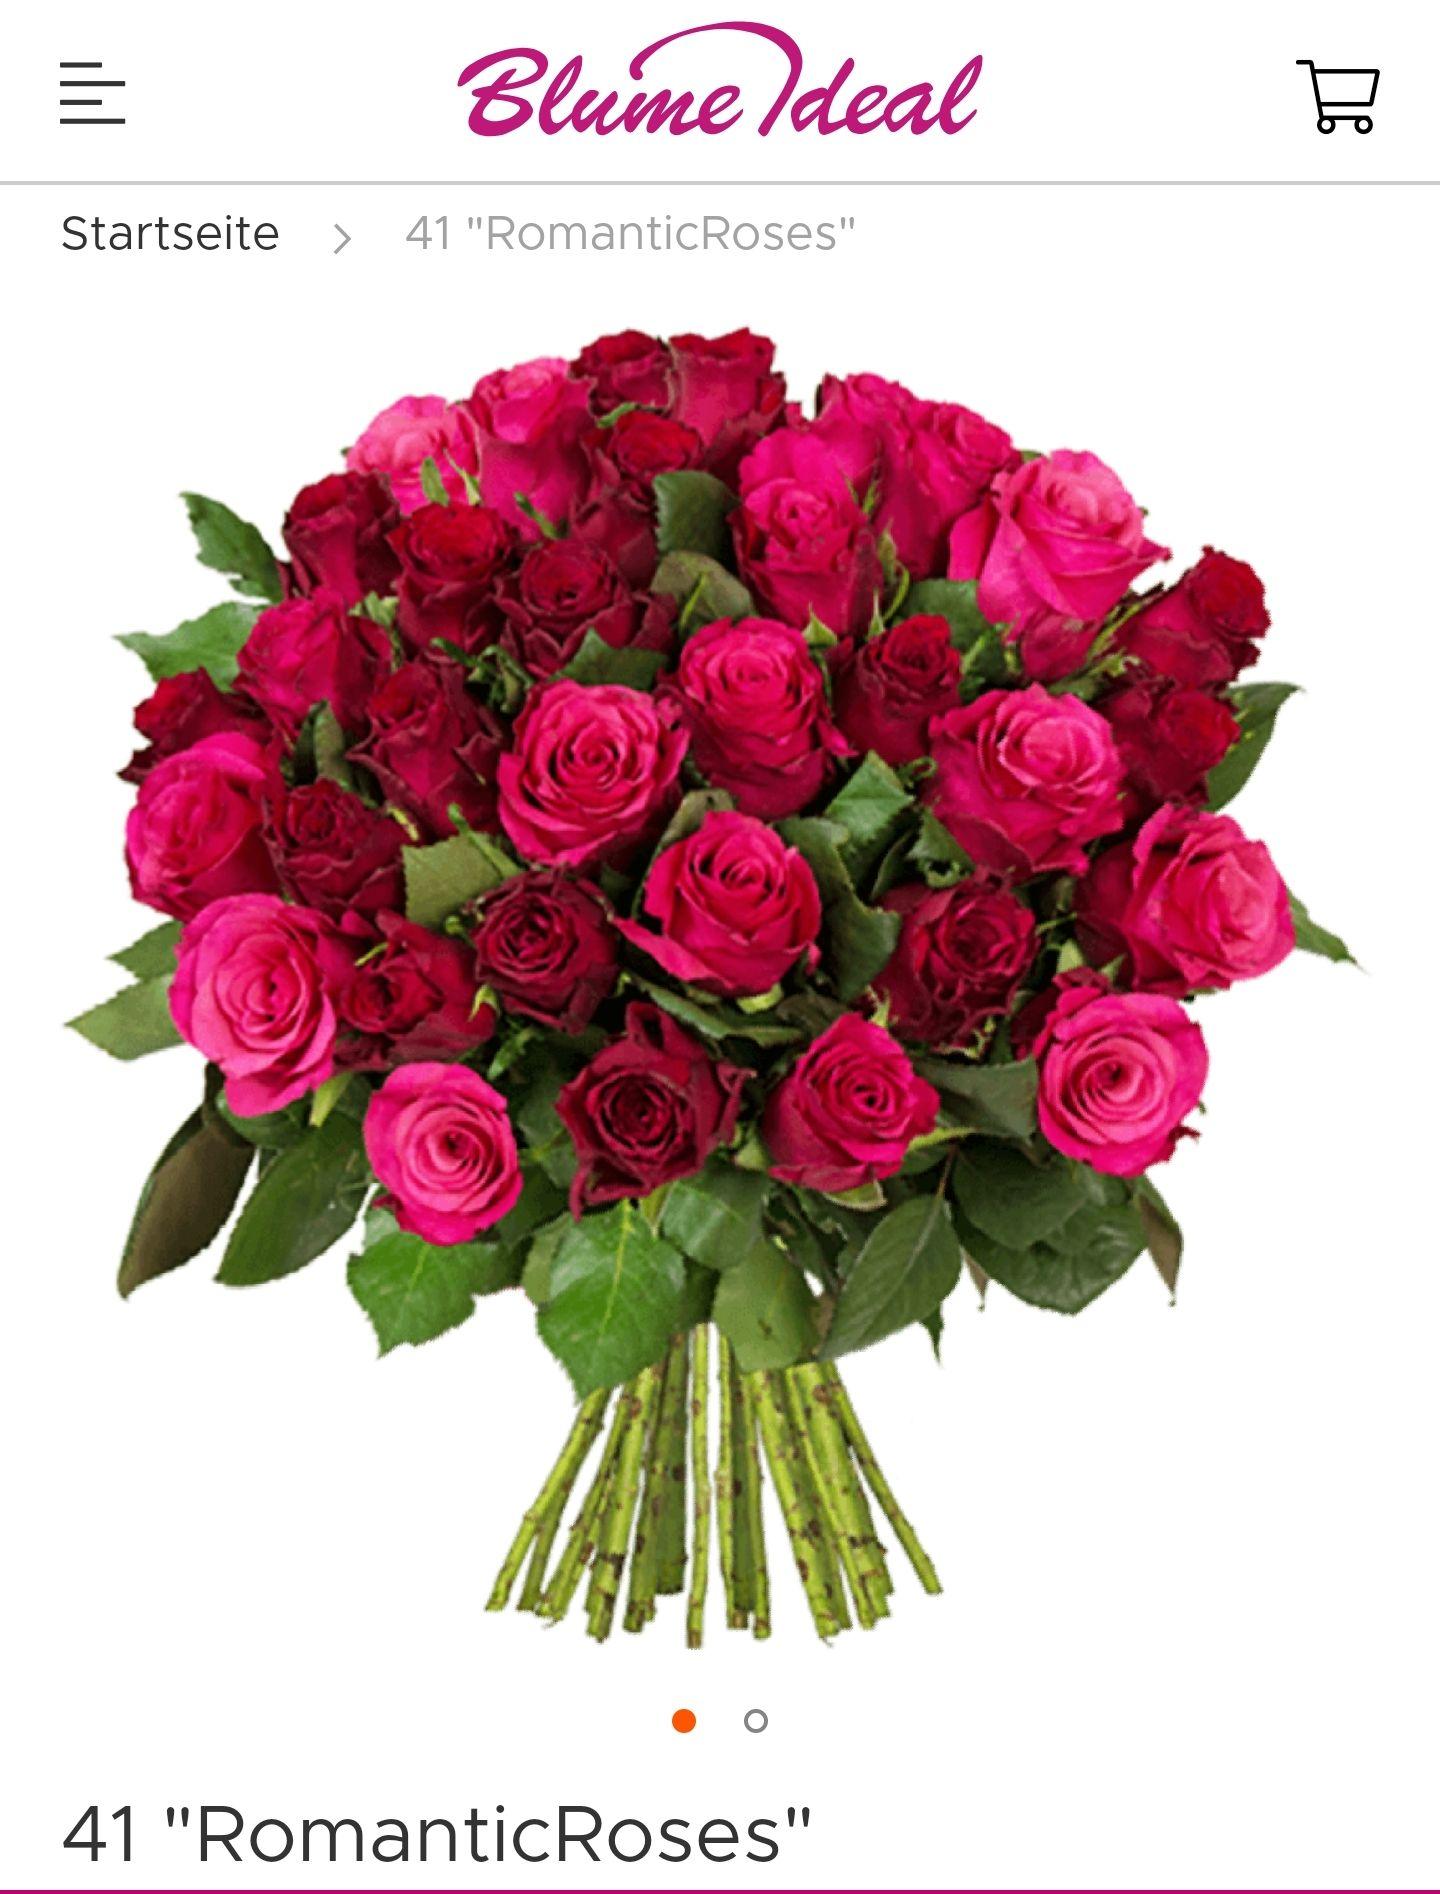 [Blume Ideal] 41 Rosen mit 50cm Länge für 22.98 inkl. Versand